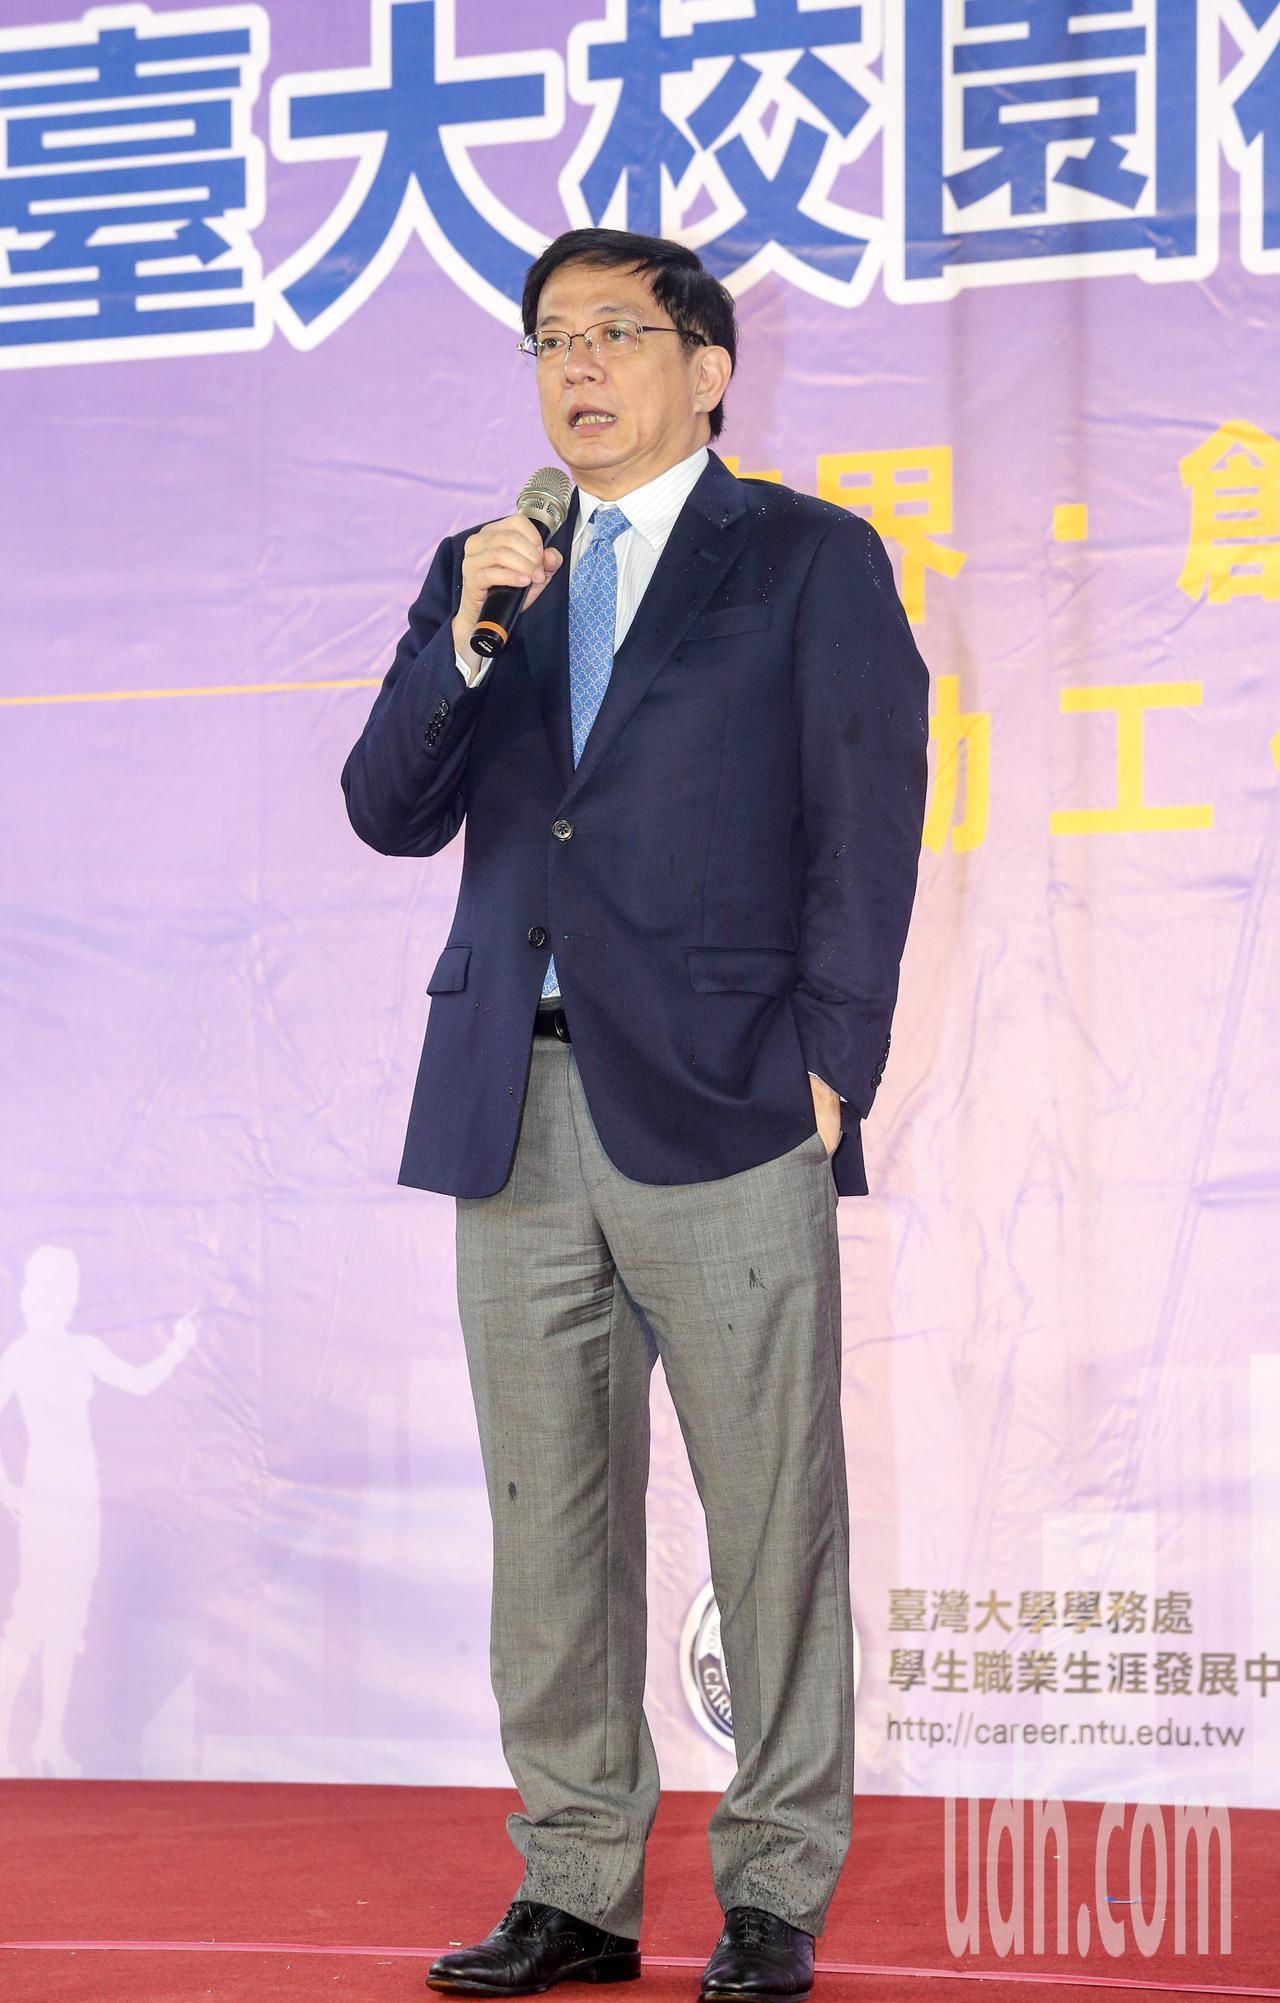 台大校長管中閔在開幕儀式上致詞。記者鄭清元/攝影